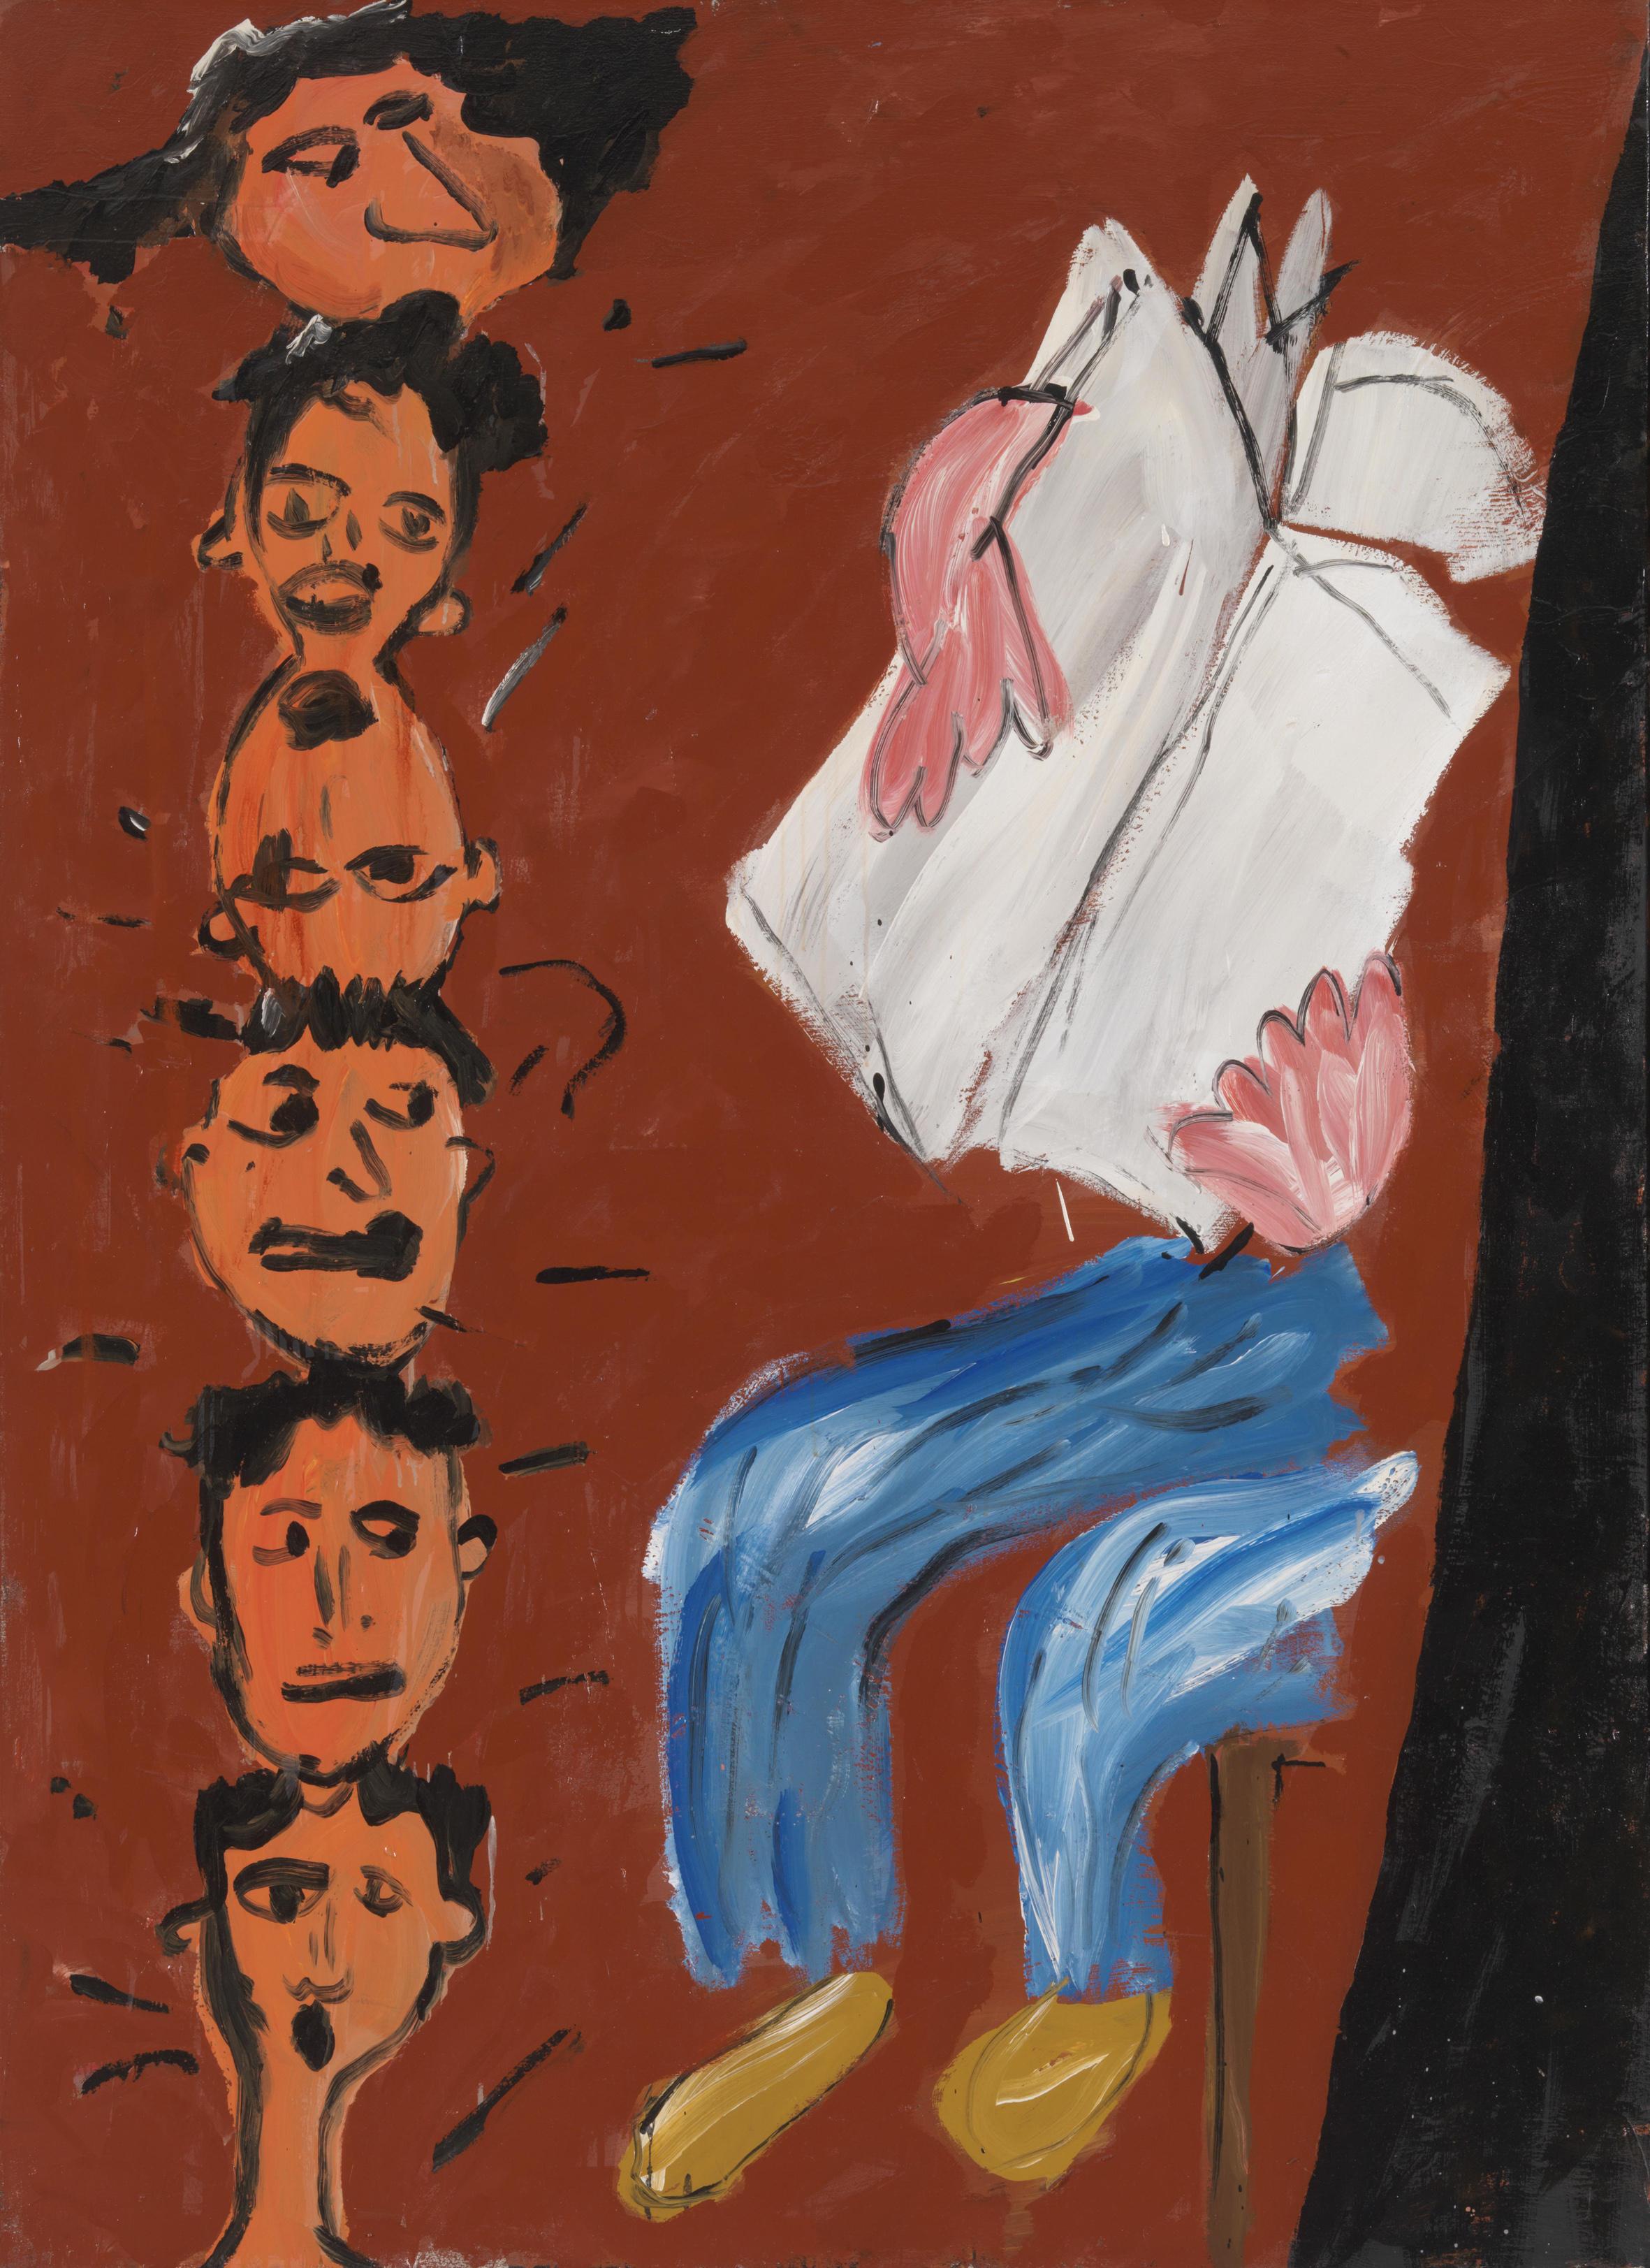 Walter Dahn (*1954): Die Mülheimer Freiheit (Zeitungsleser), 1981, Kunstharzfarbe auf Nessel, 180,5 x 130 cm Seit 2008 Dauerleihgabe der Michael und Eleonore Stoffel-Stiftung, Köln, in den Bayerischen Staatsgemäldesammlungen, München. © Walter Dahn / Courtesy Sprüth Magers